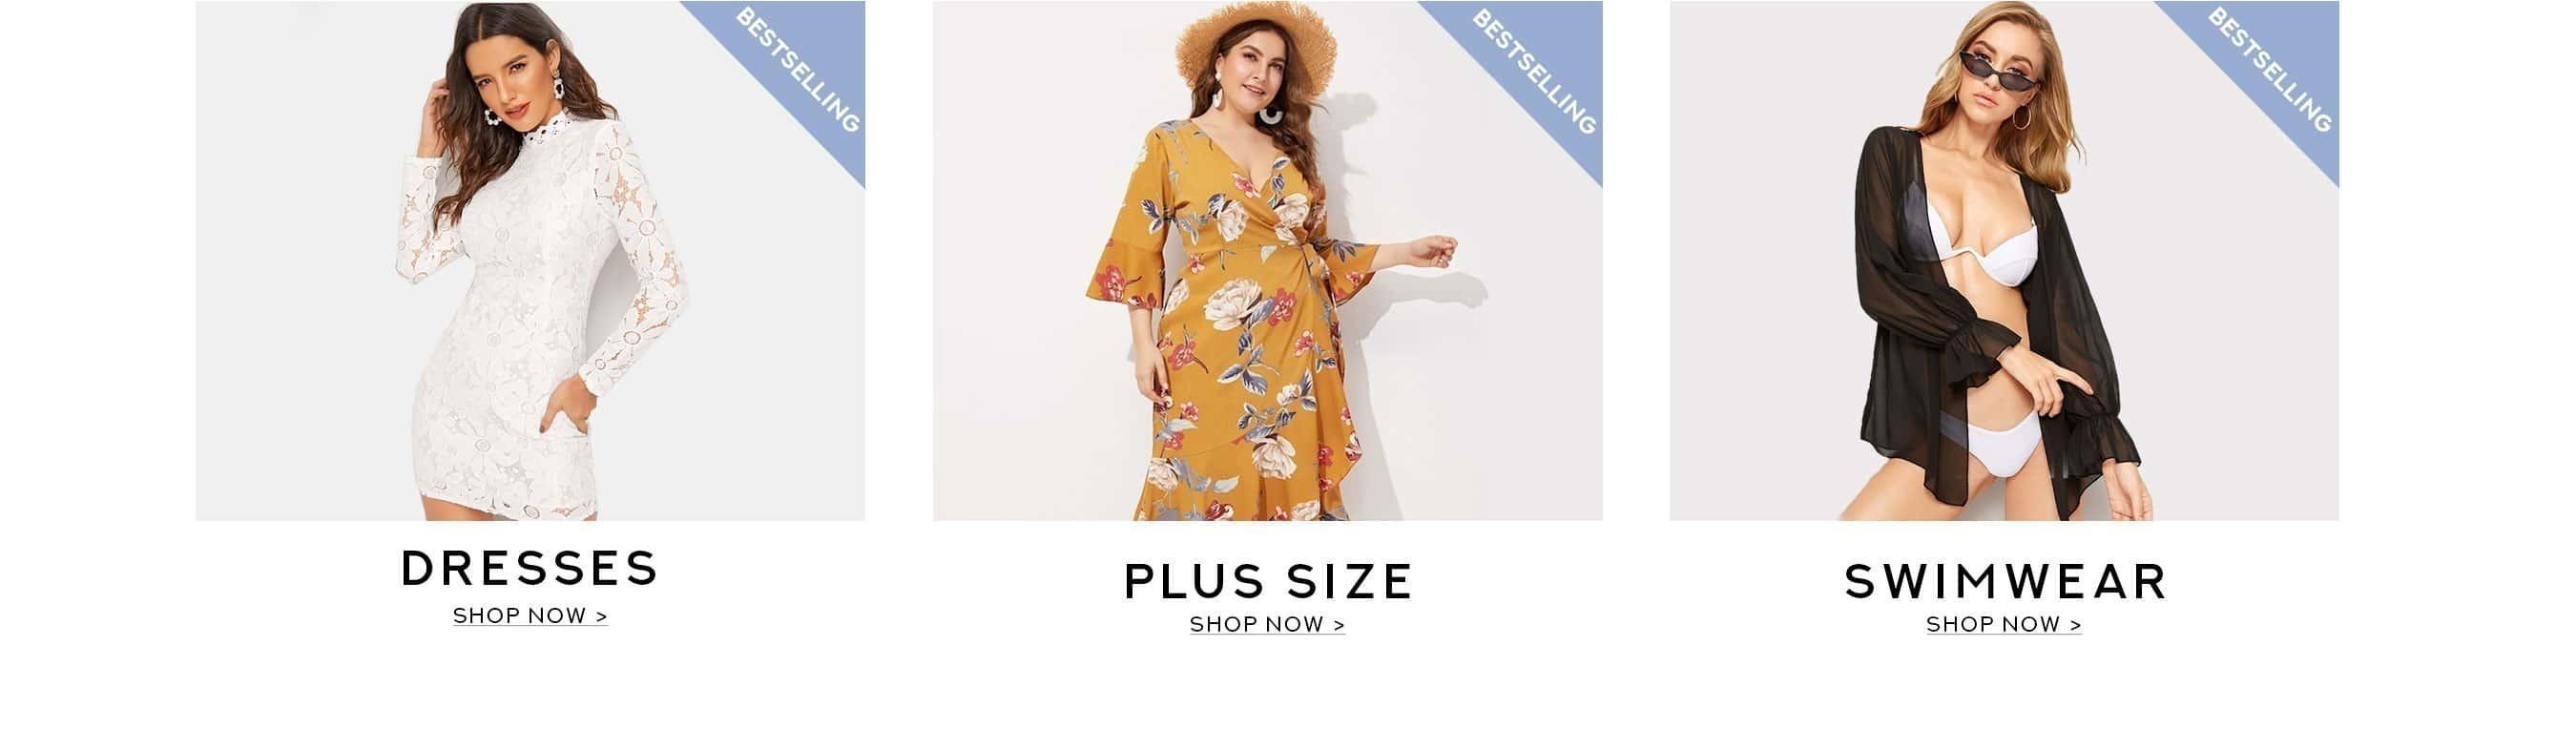 SHEIN | Women's Clothing | Shop Clothes & Fashion